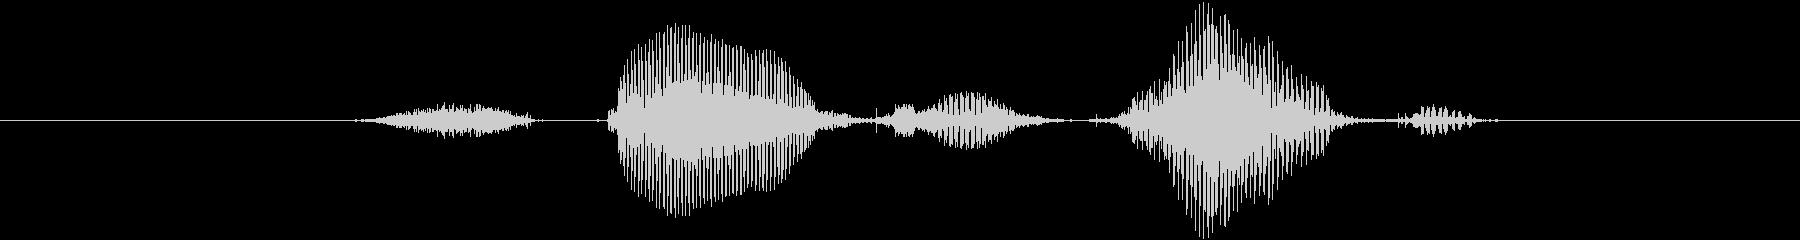 ステージ5(ふぁいぶ)の未再生の波形